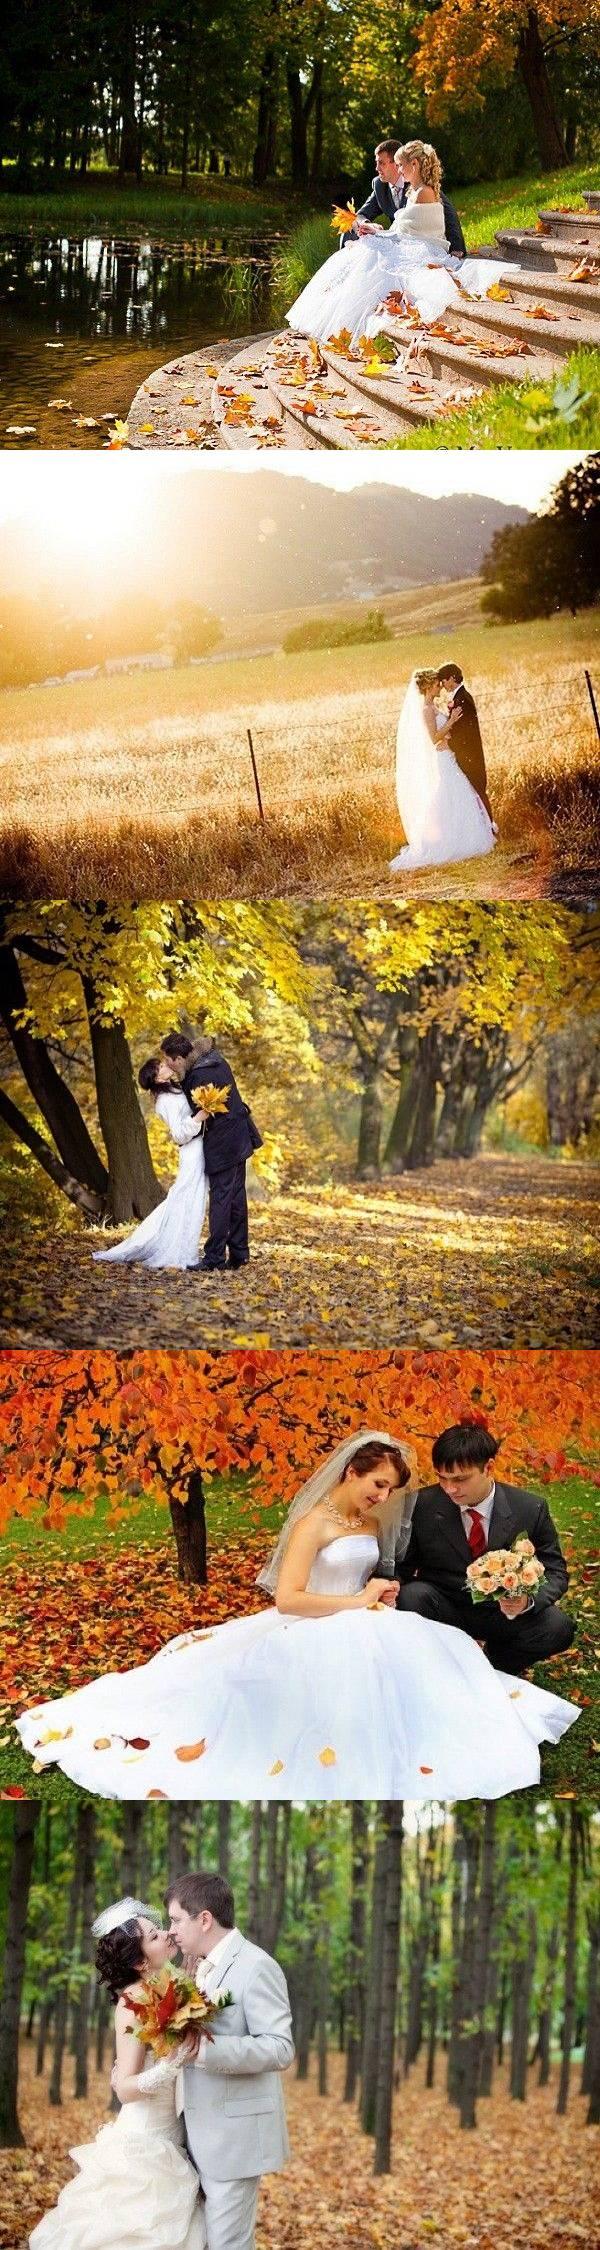 32 идеи осенней свадебной фотосессии